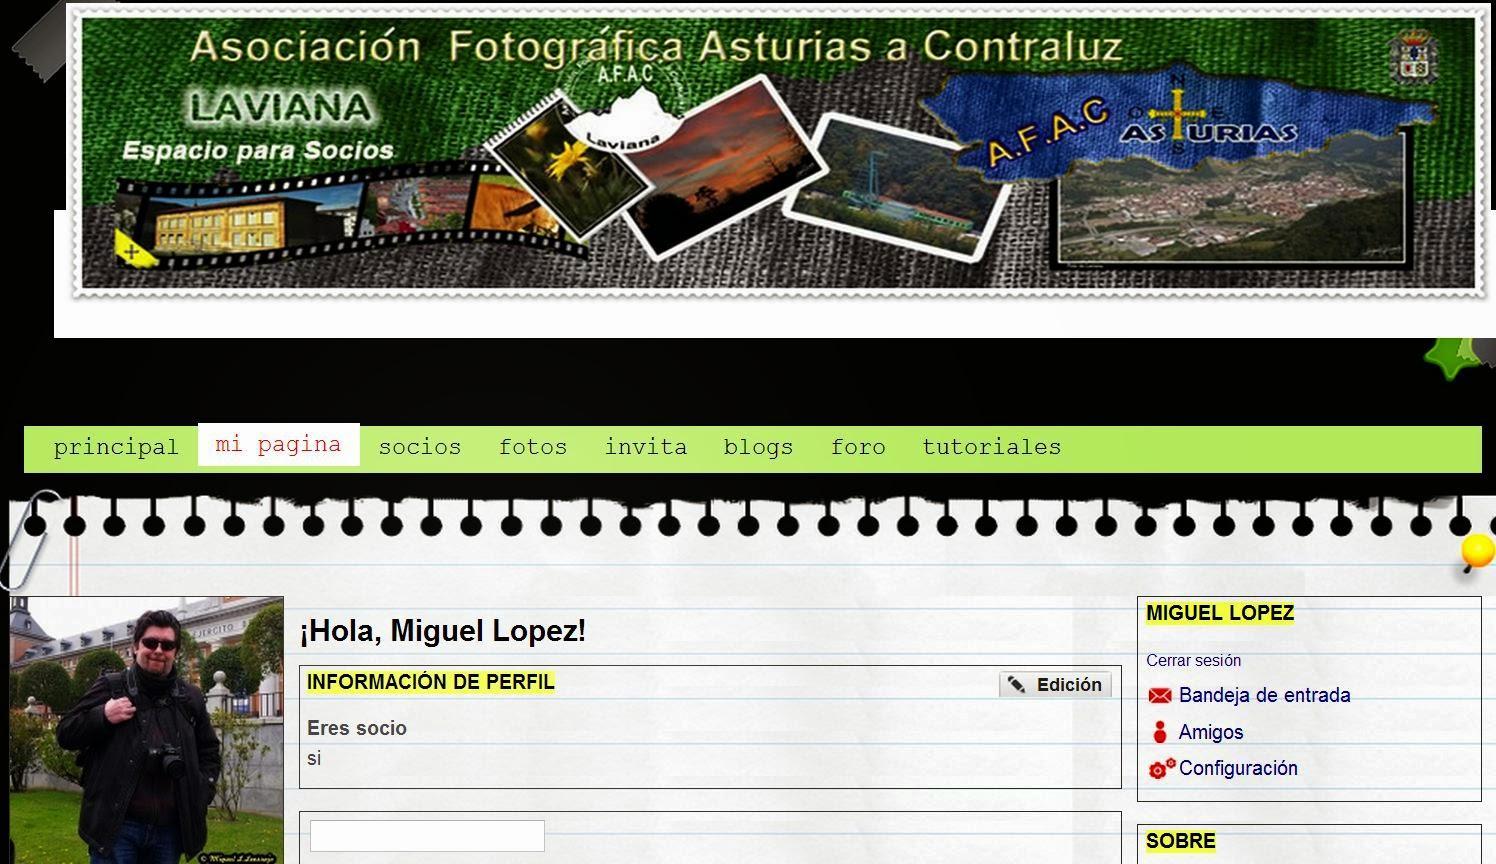 Mi pàgina en Asociaciòn Fotogràfica A contra Luz